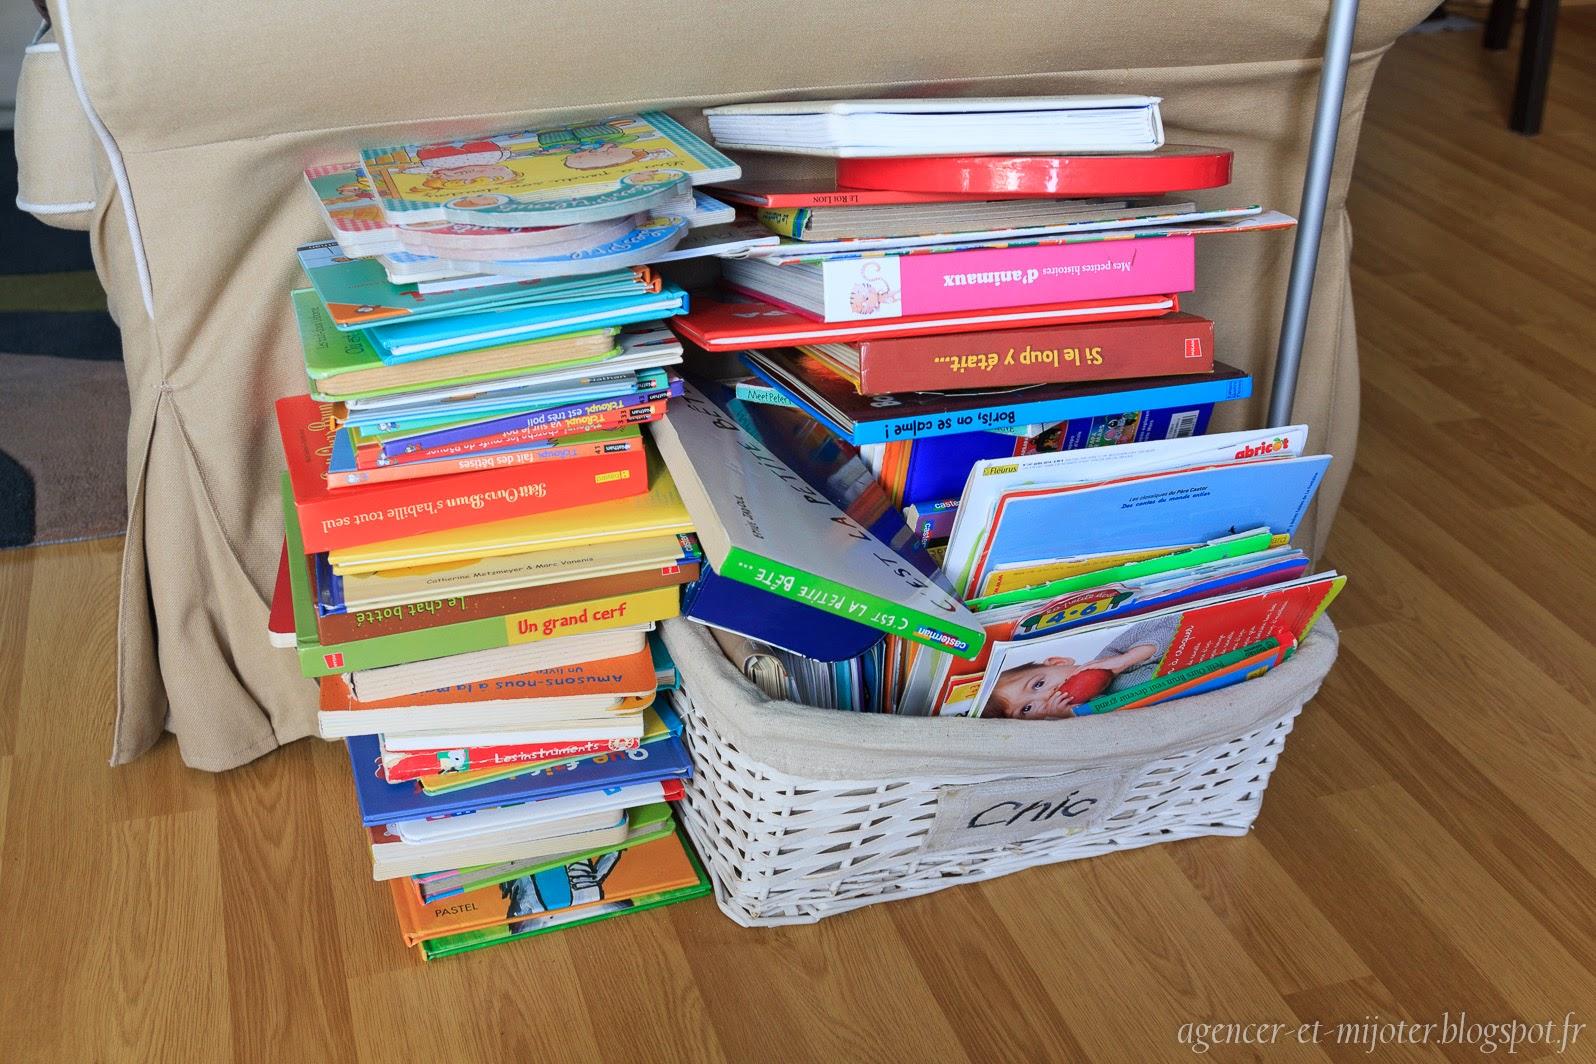 agencer et mijoter rangement les livres d enfants. Black Bedroom Furniture Sets. Home Design Ideas